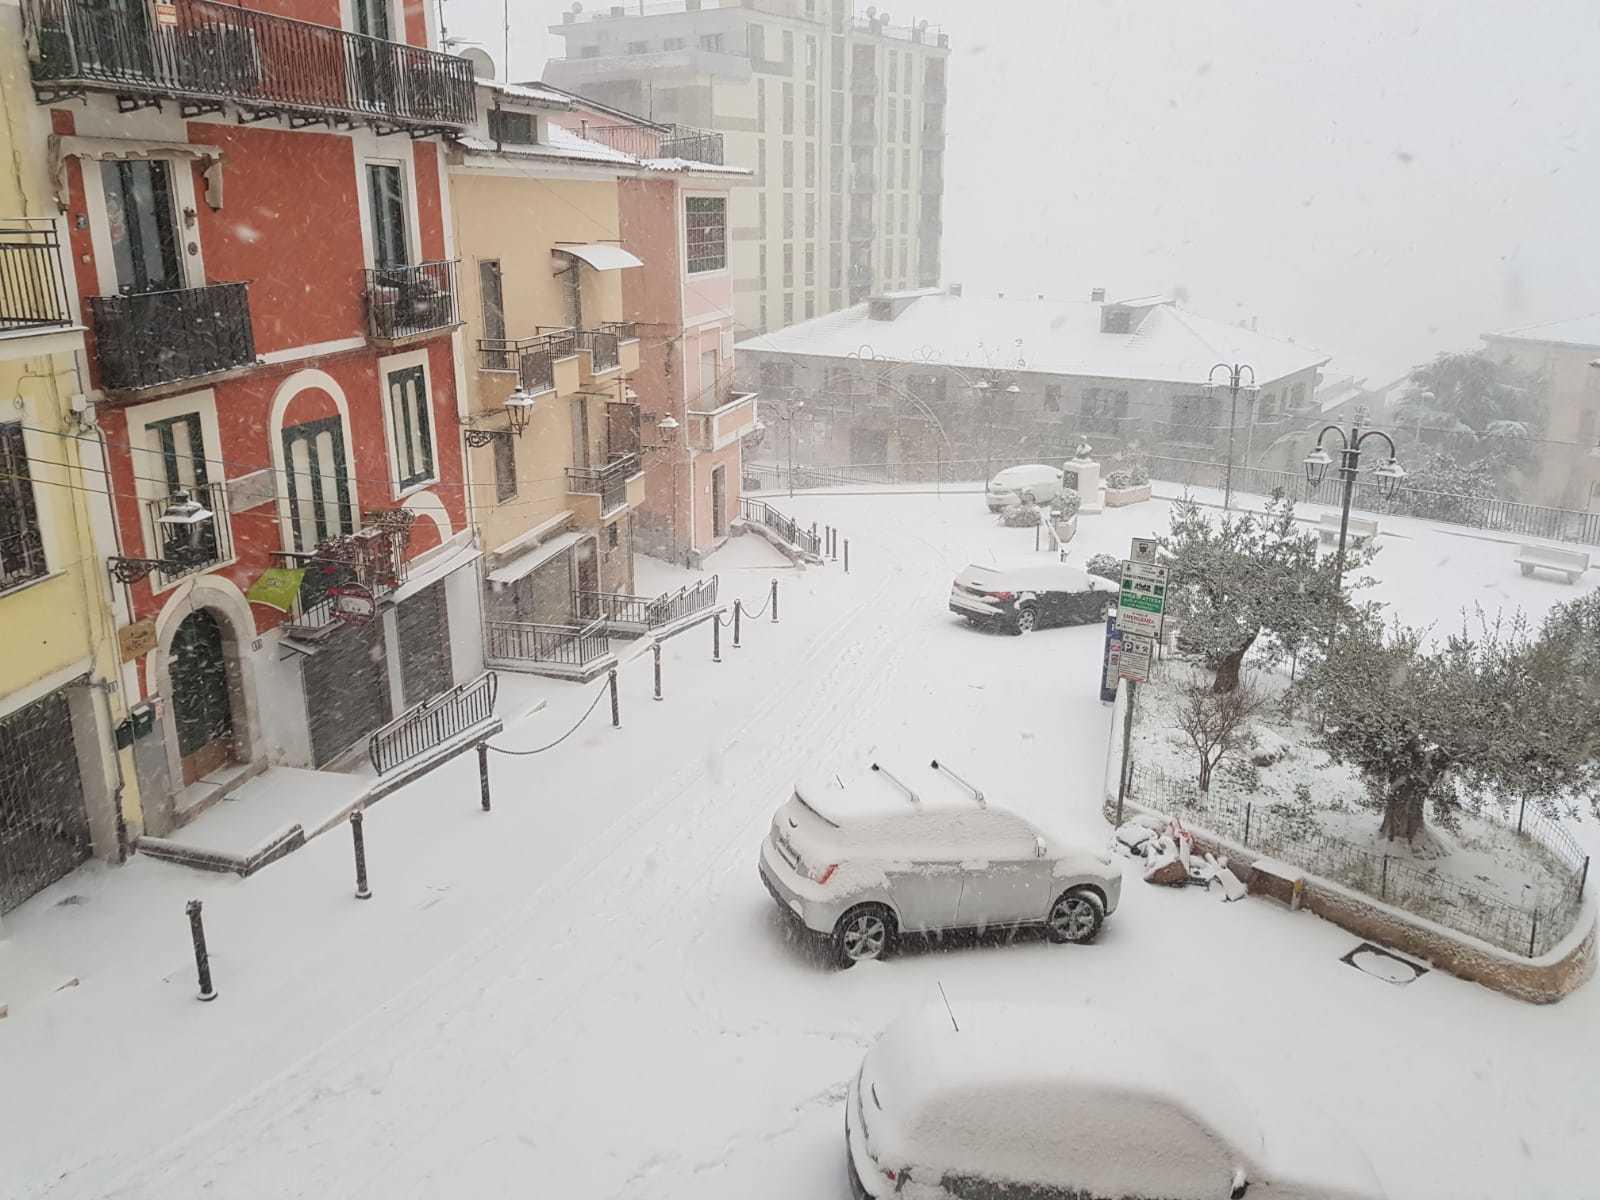 Napoli e Provincia nel gelo, scatta l'allerta neve